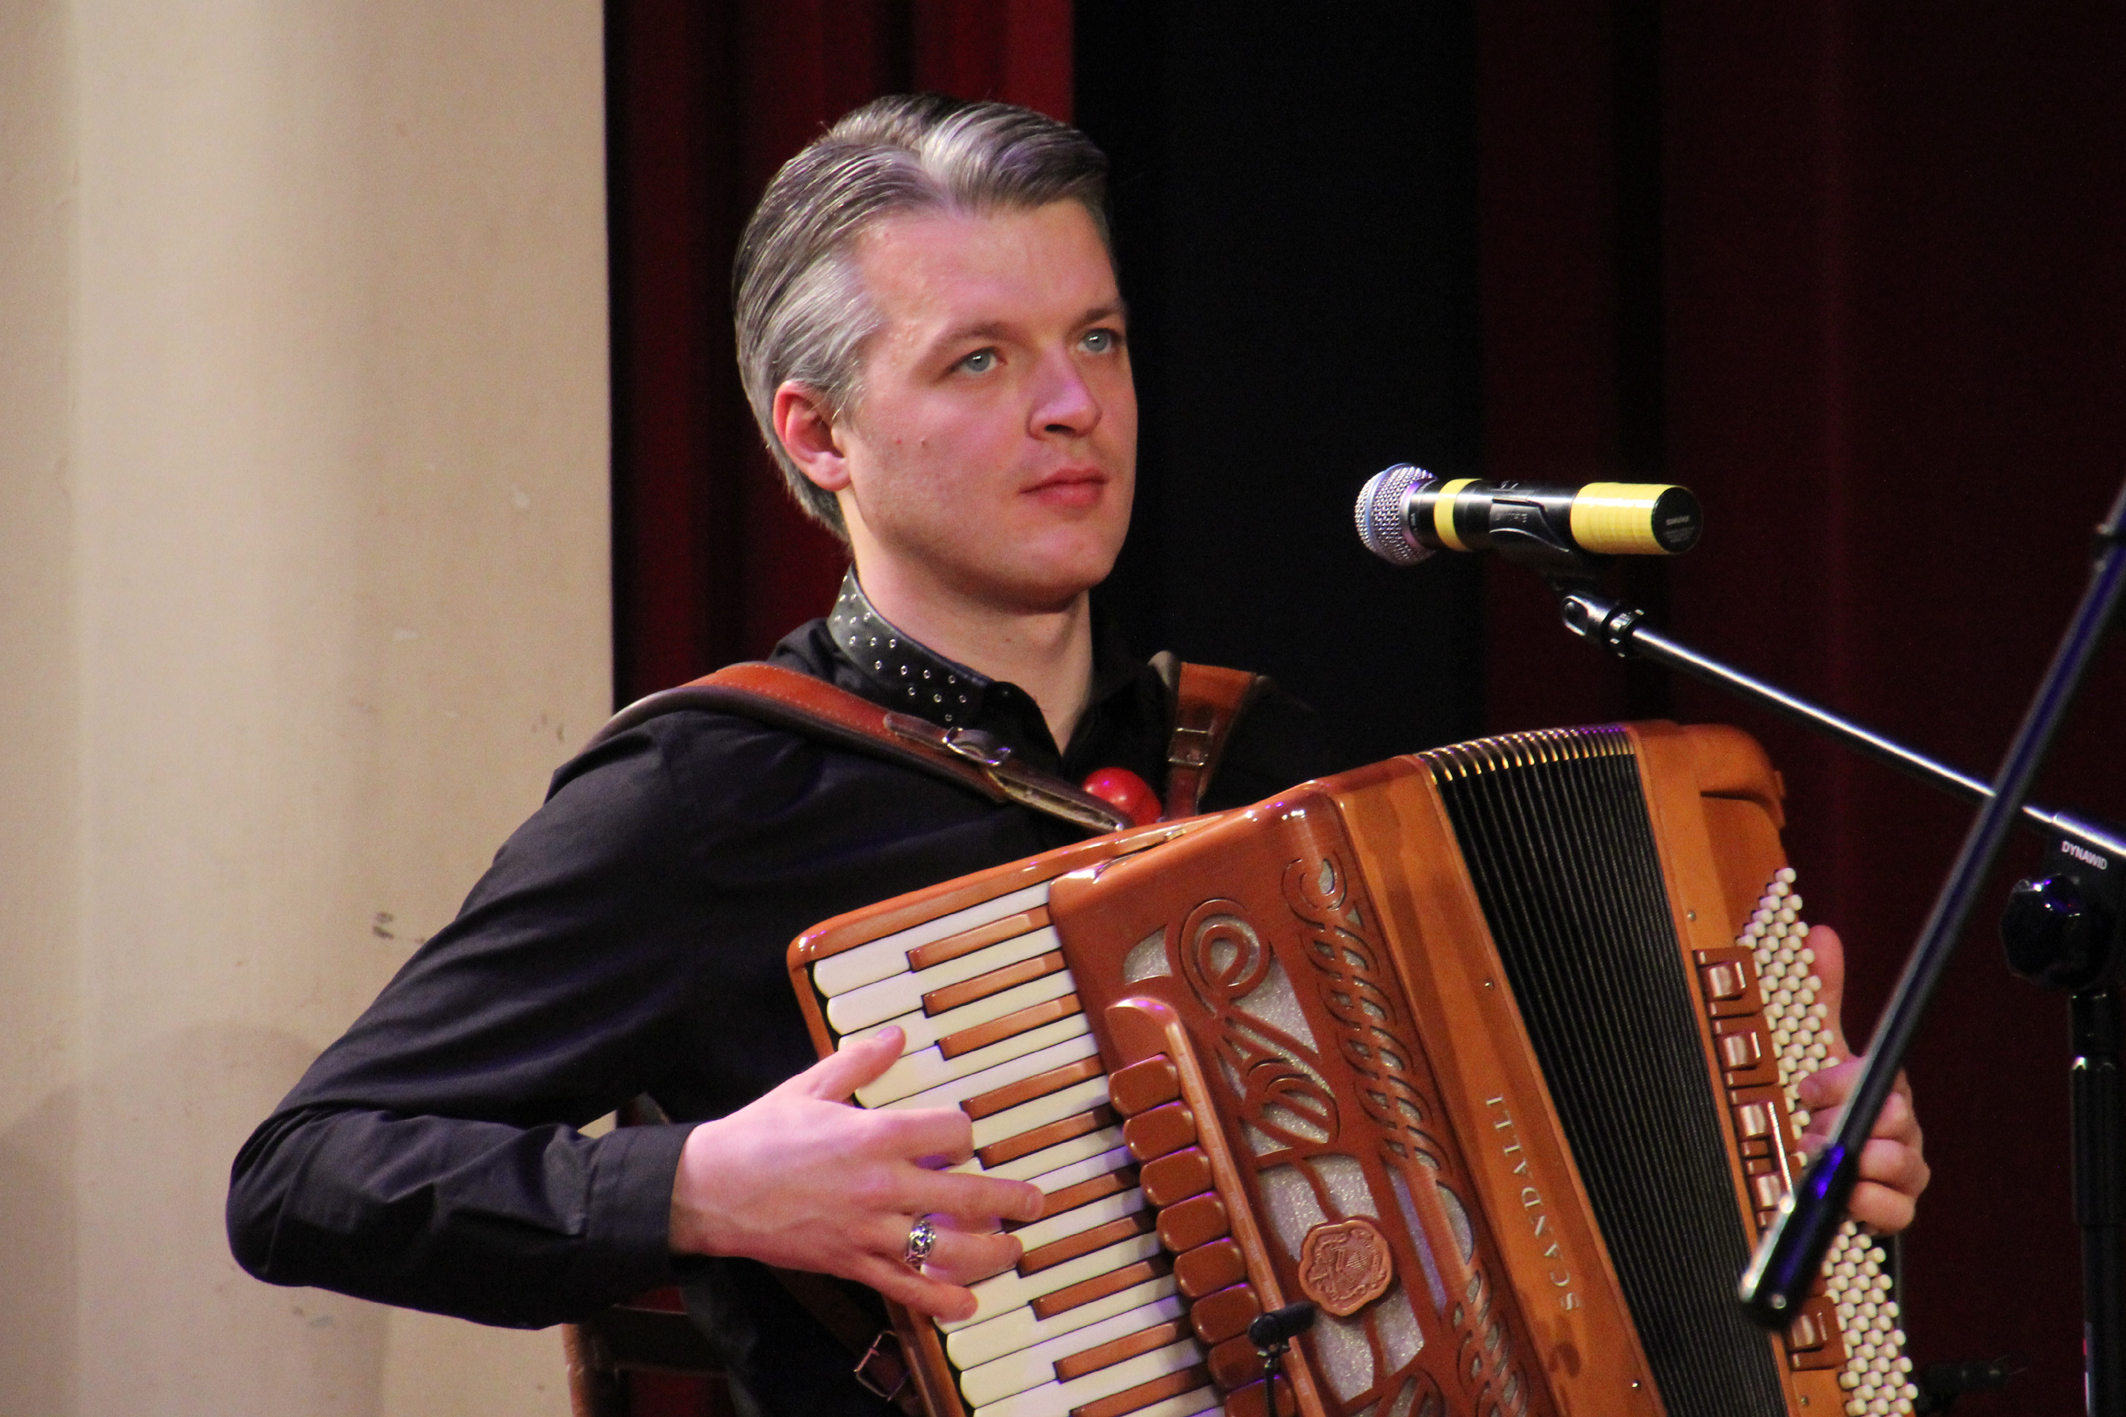 Zygmunt Czupryn